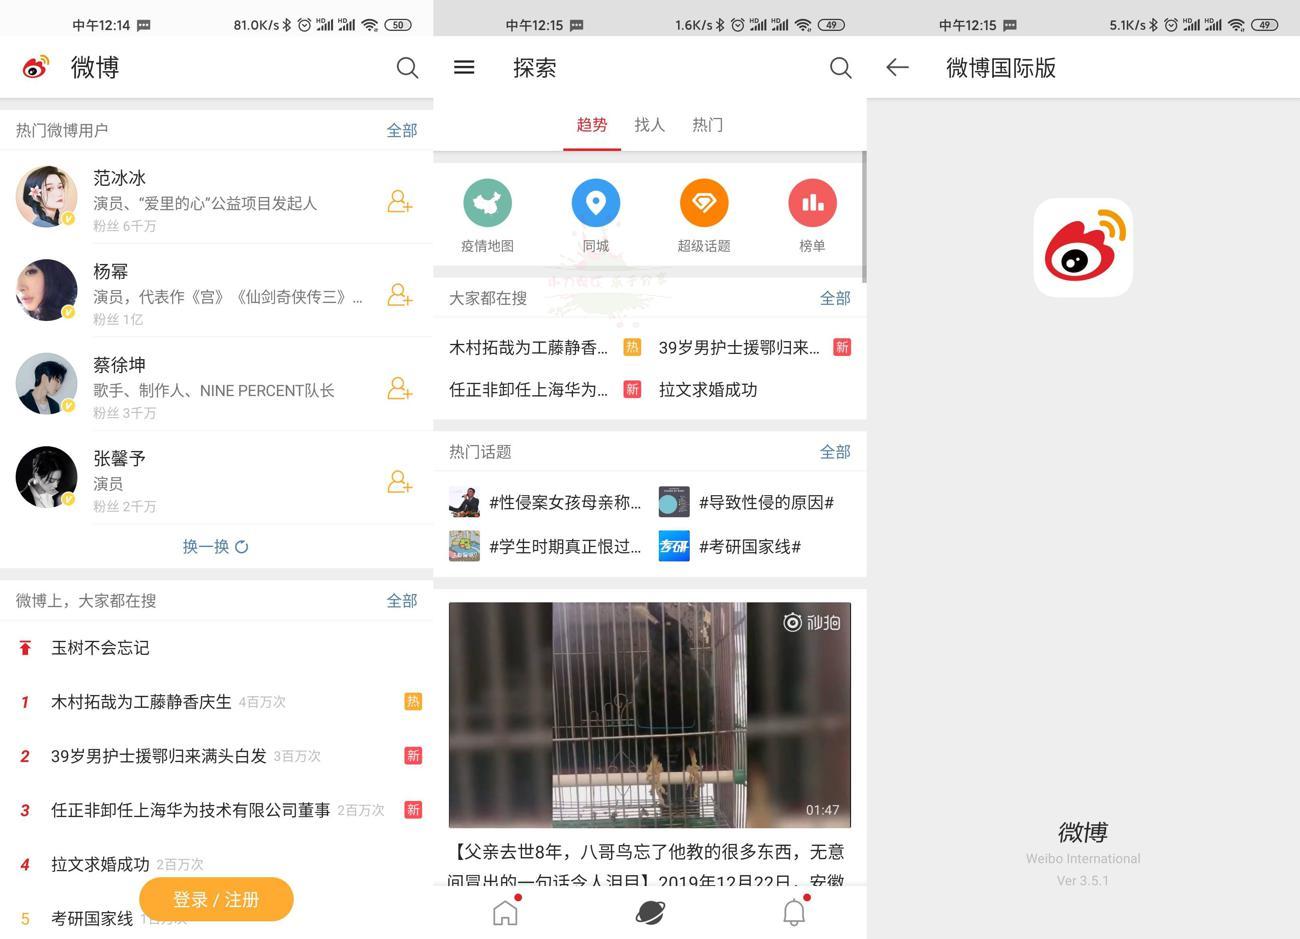 安卓微博国际版v3.5.1去广告